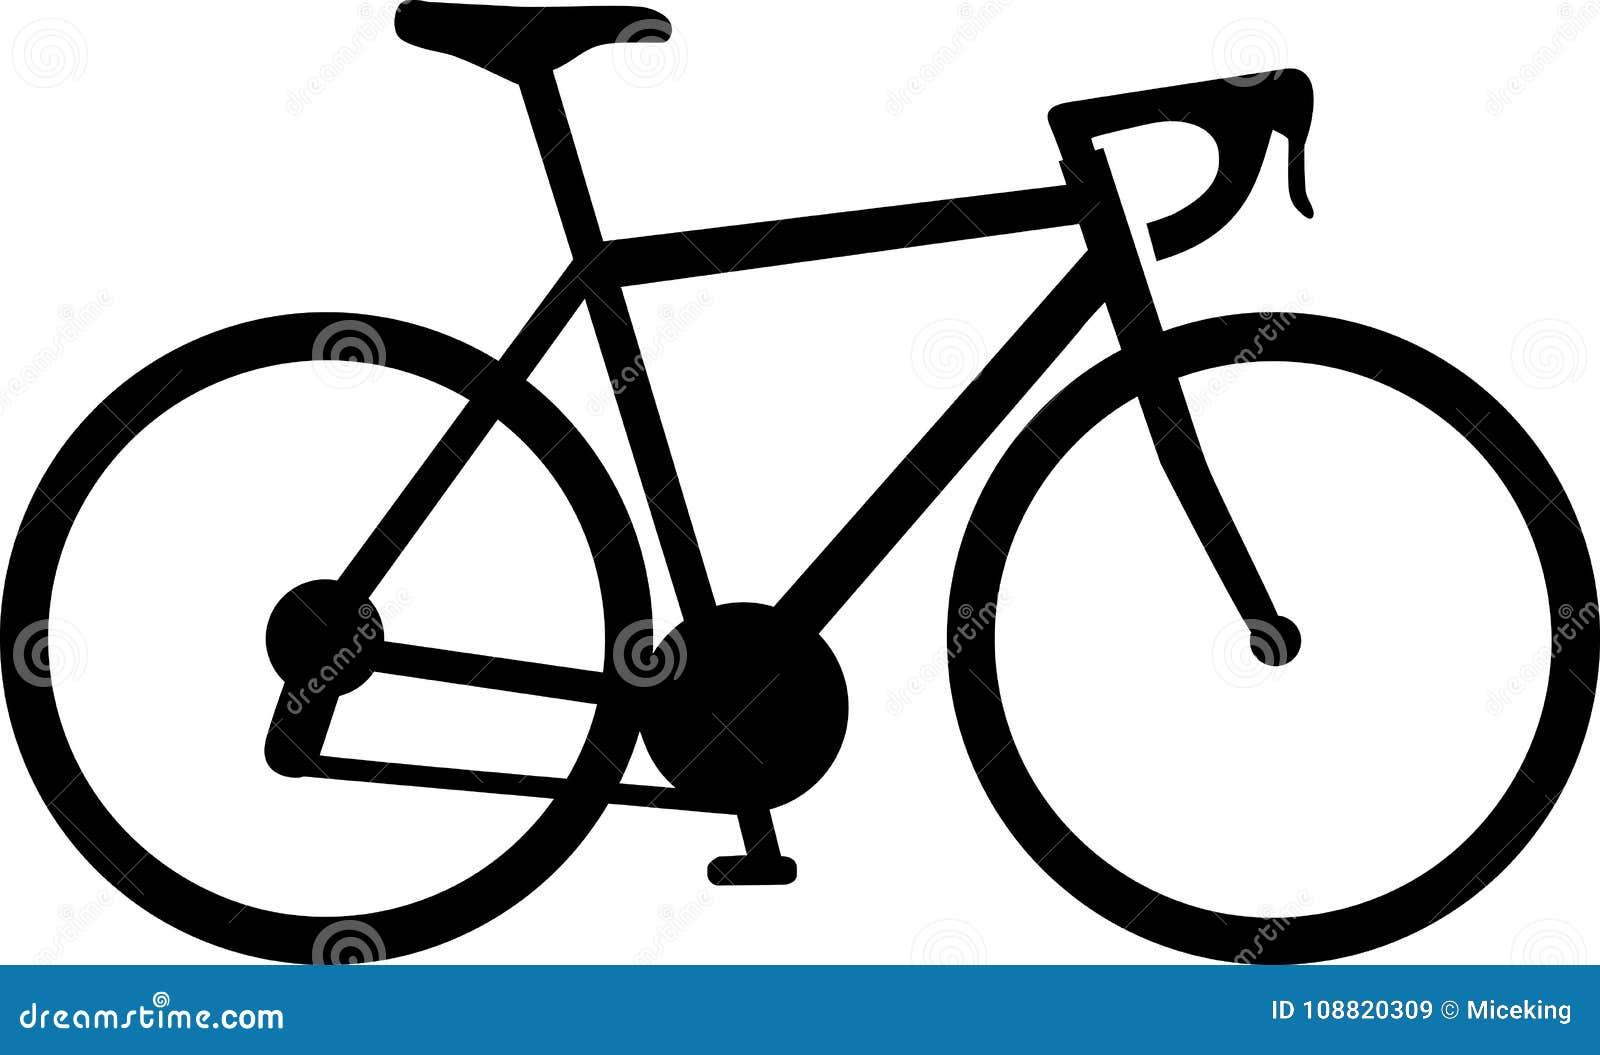 Racing Bicycle Icon